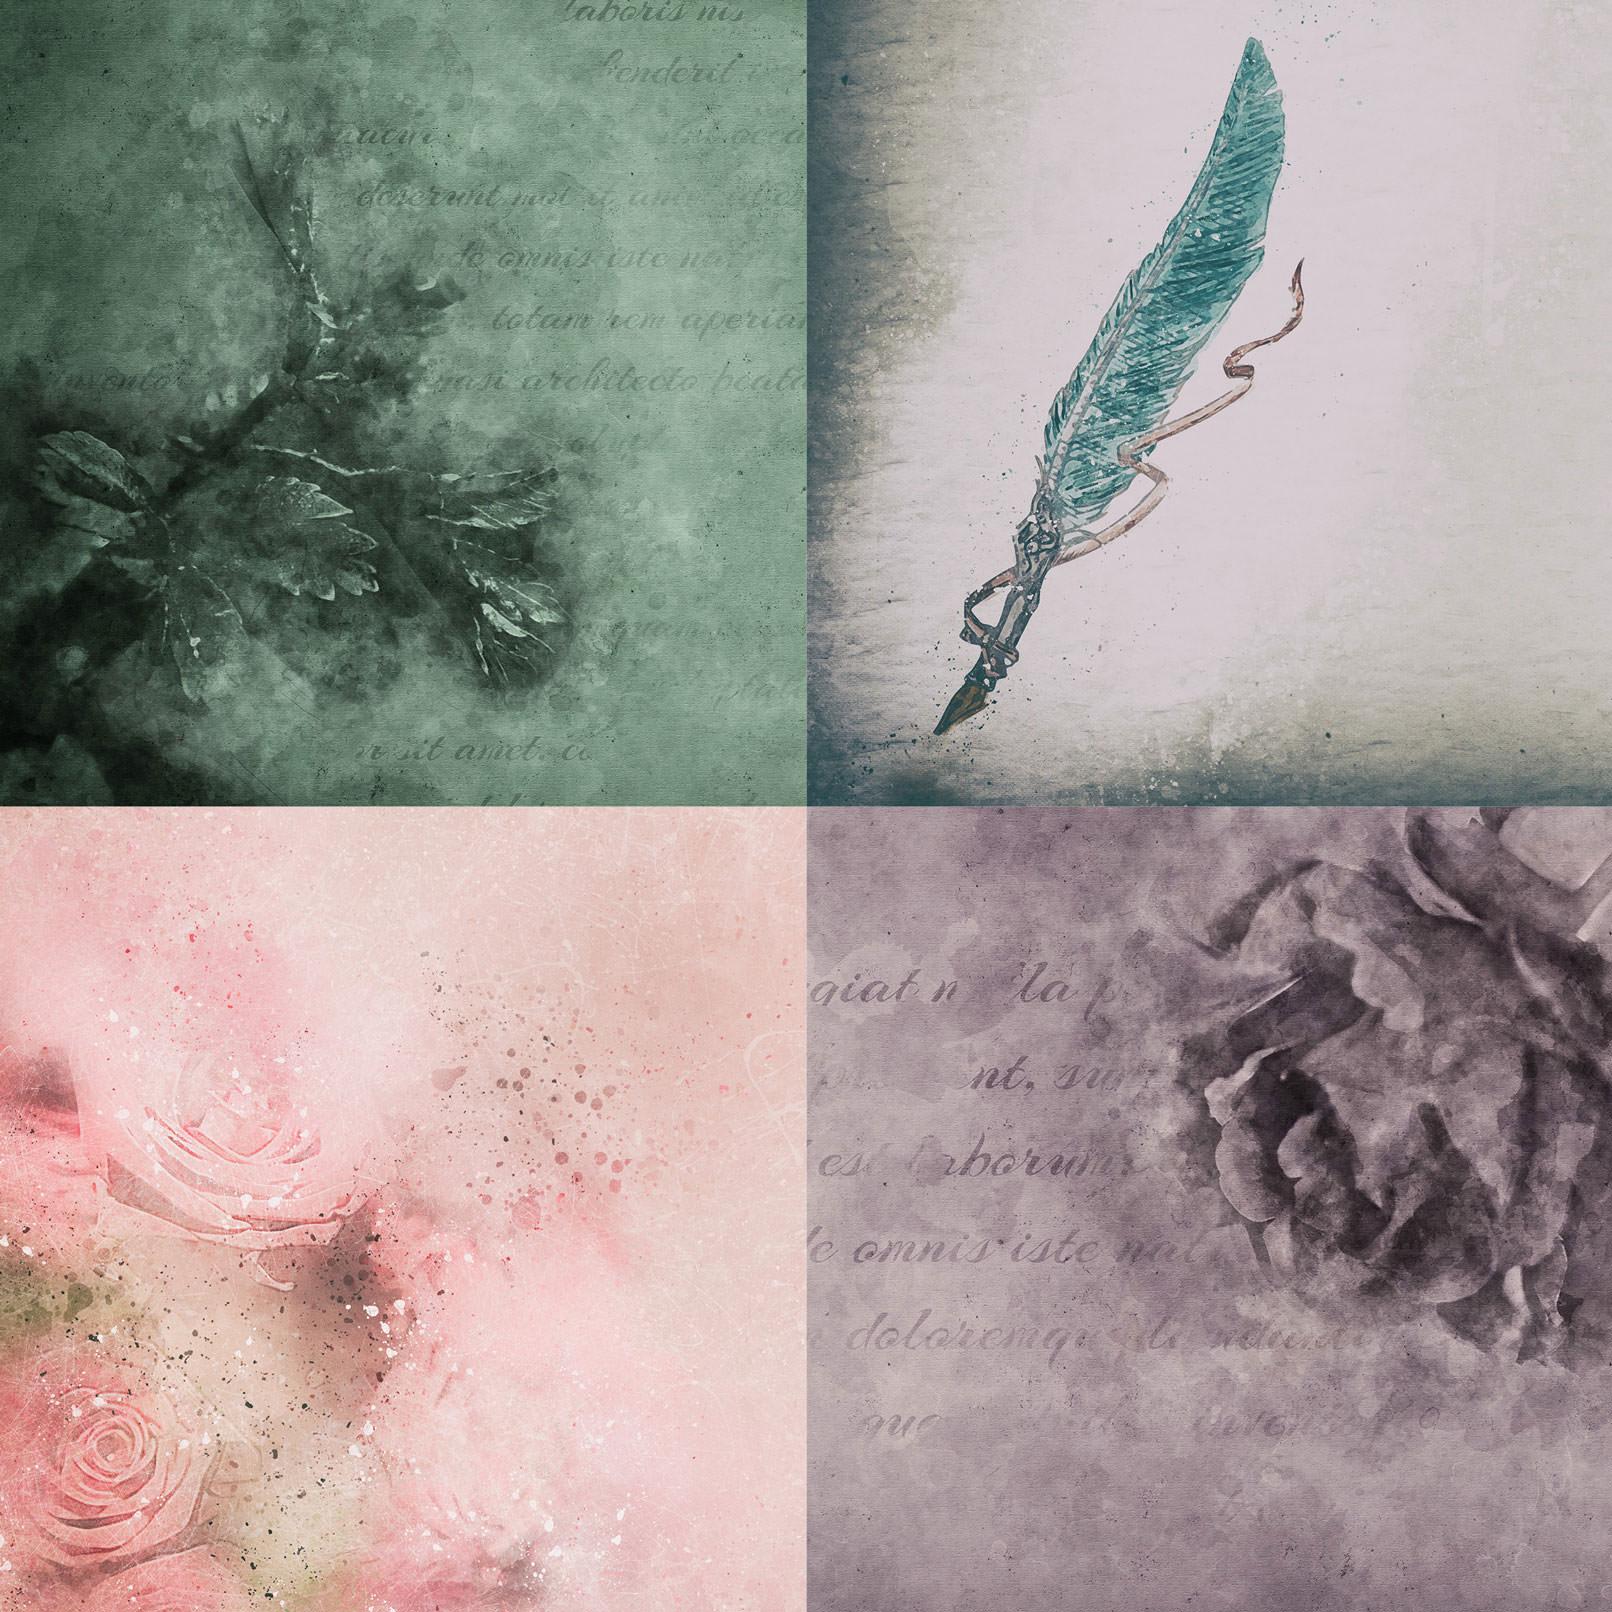 Hintergrundbilder mit Zeichenfedern und Rosen